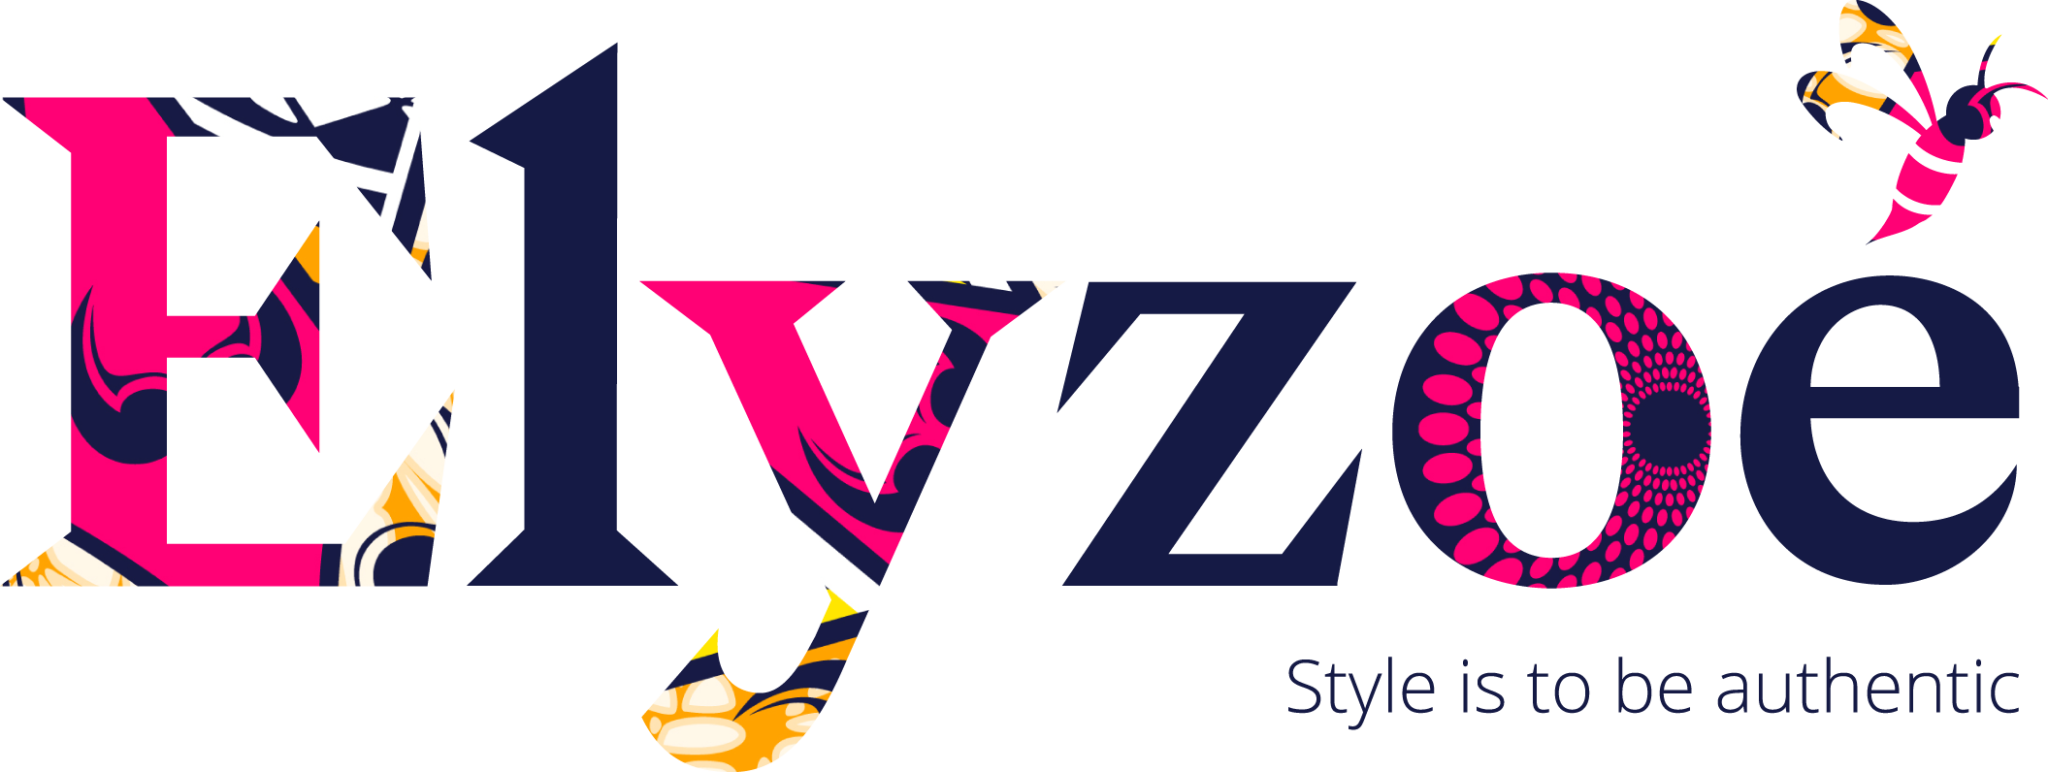 Elyzoe